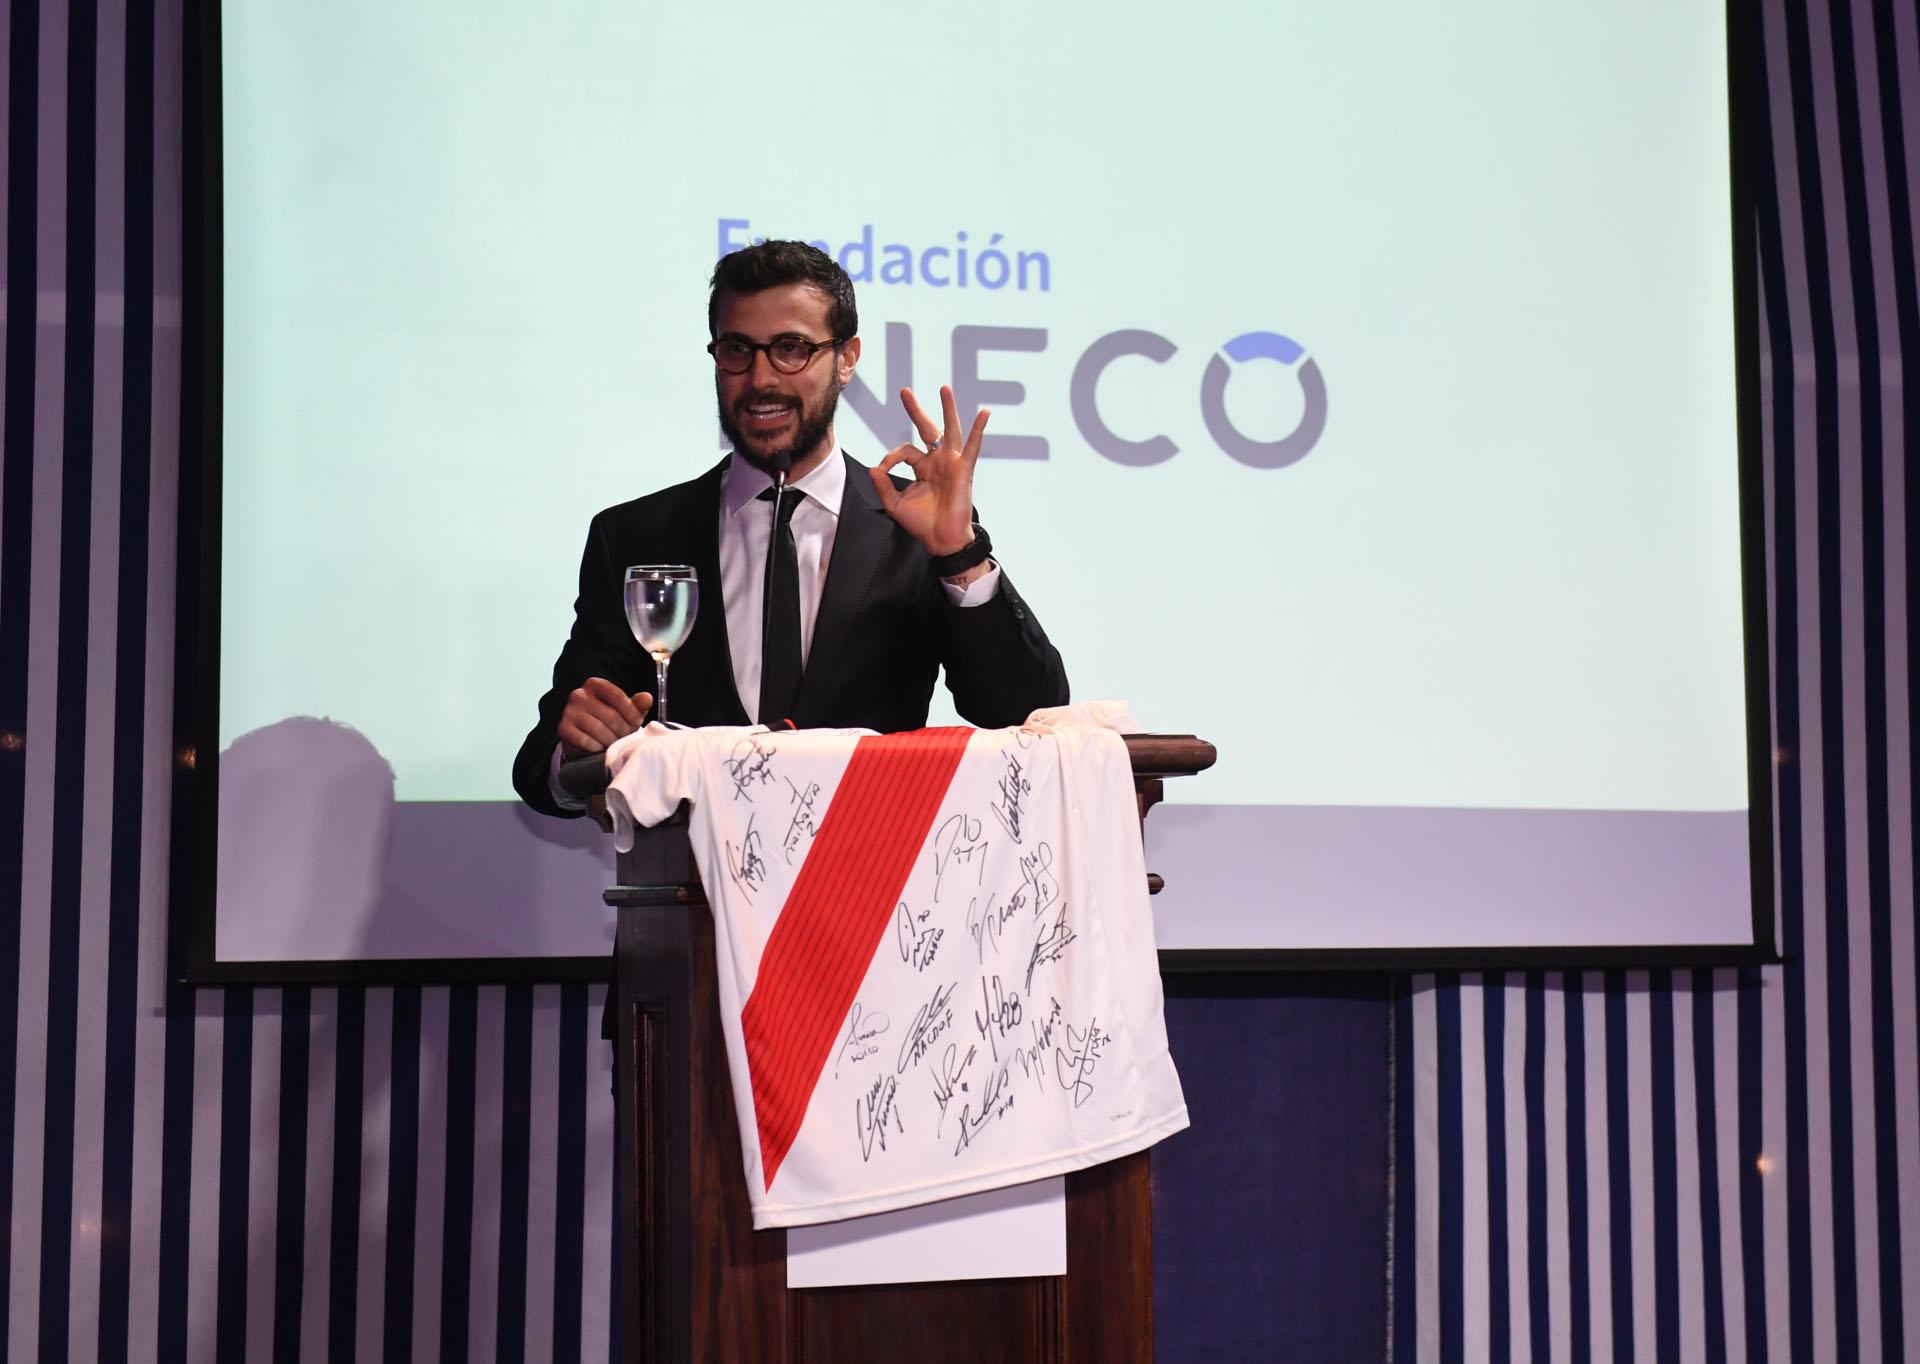 Diego Leuco, el conductor de la velada, durante la subasta de camisetas de fútbol que fueron donadas para la recaudación de fondos